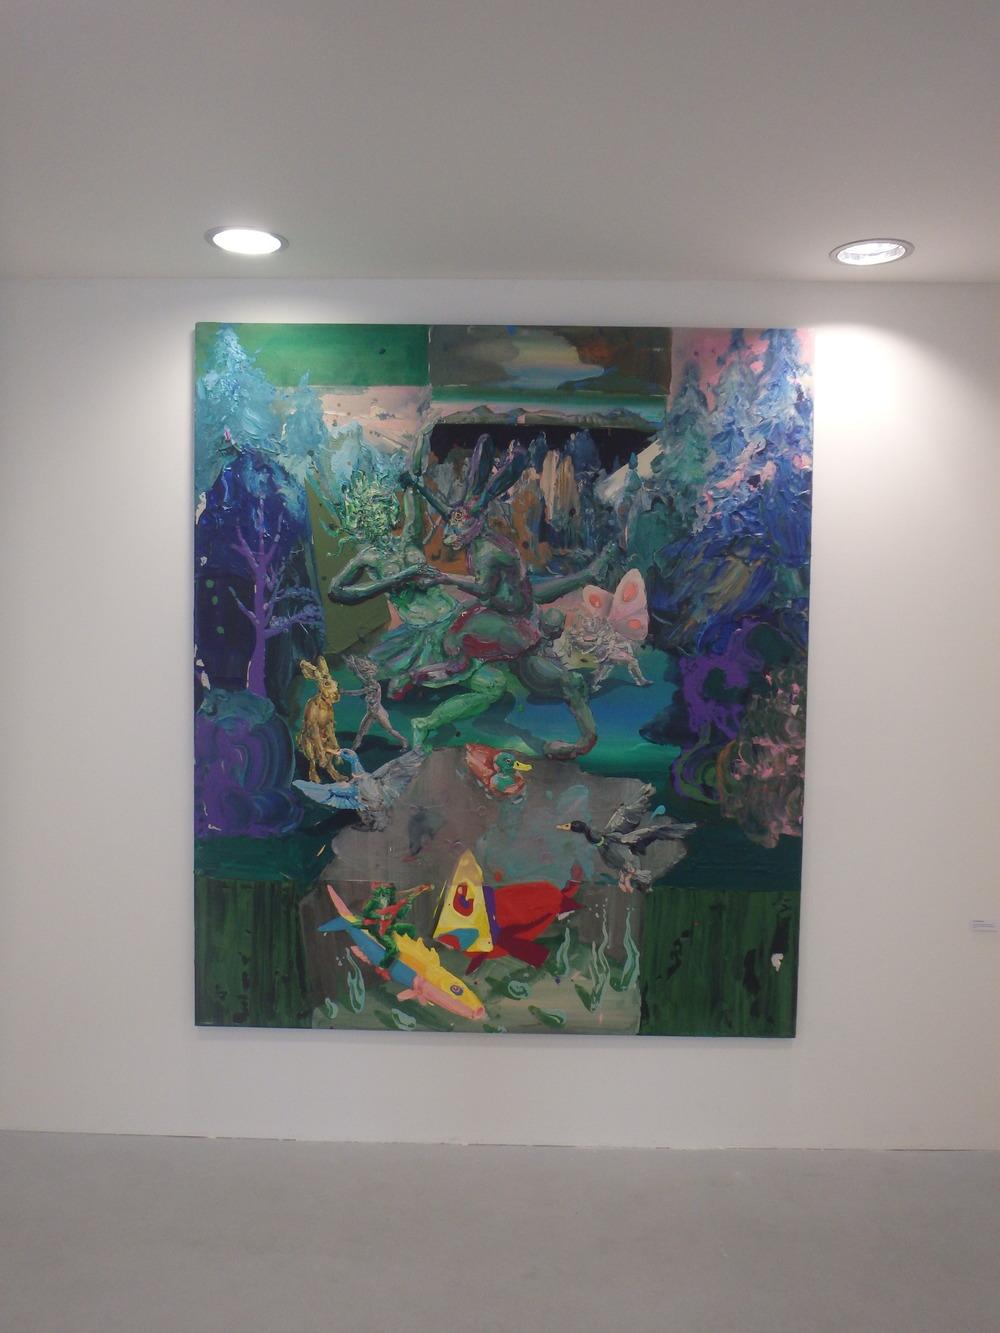 Michael Rittstein, Zajíc balí vodníkovi ženu (Kurzy začínají s podzimem), 2015, plátno, akryl, 190 x 220 cm